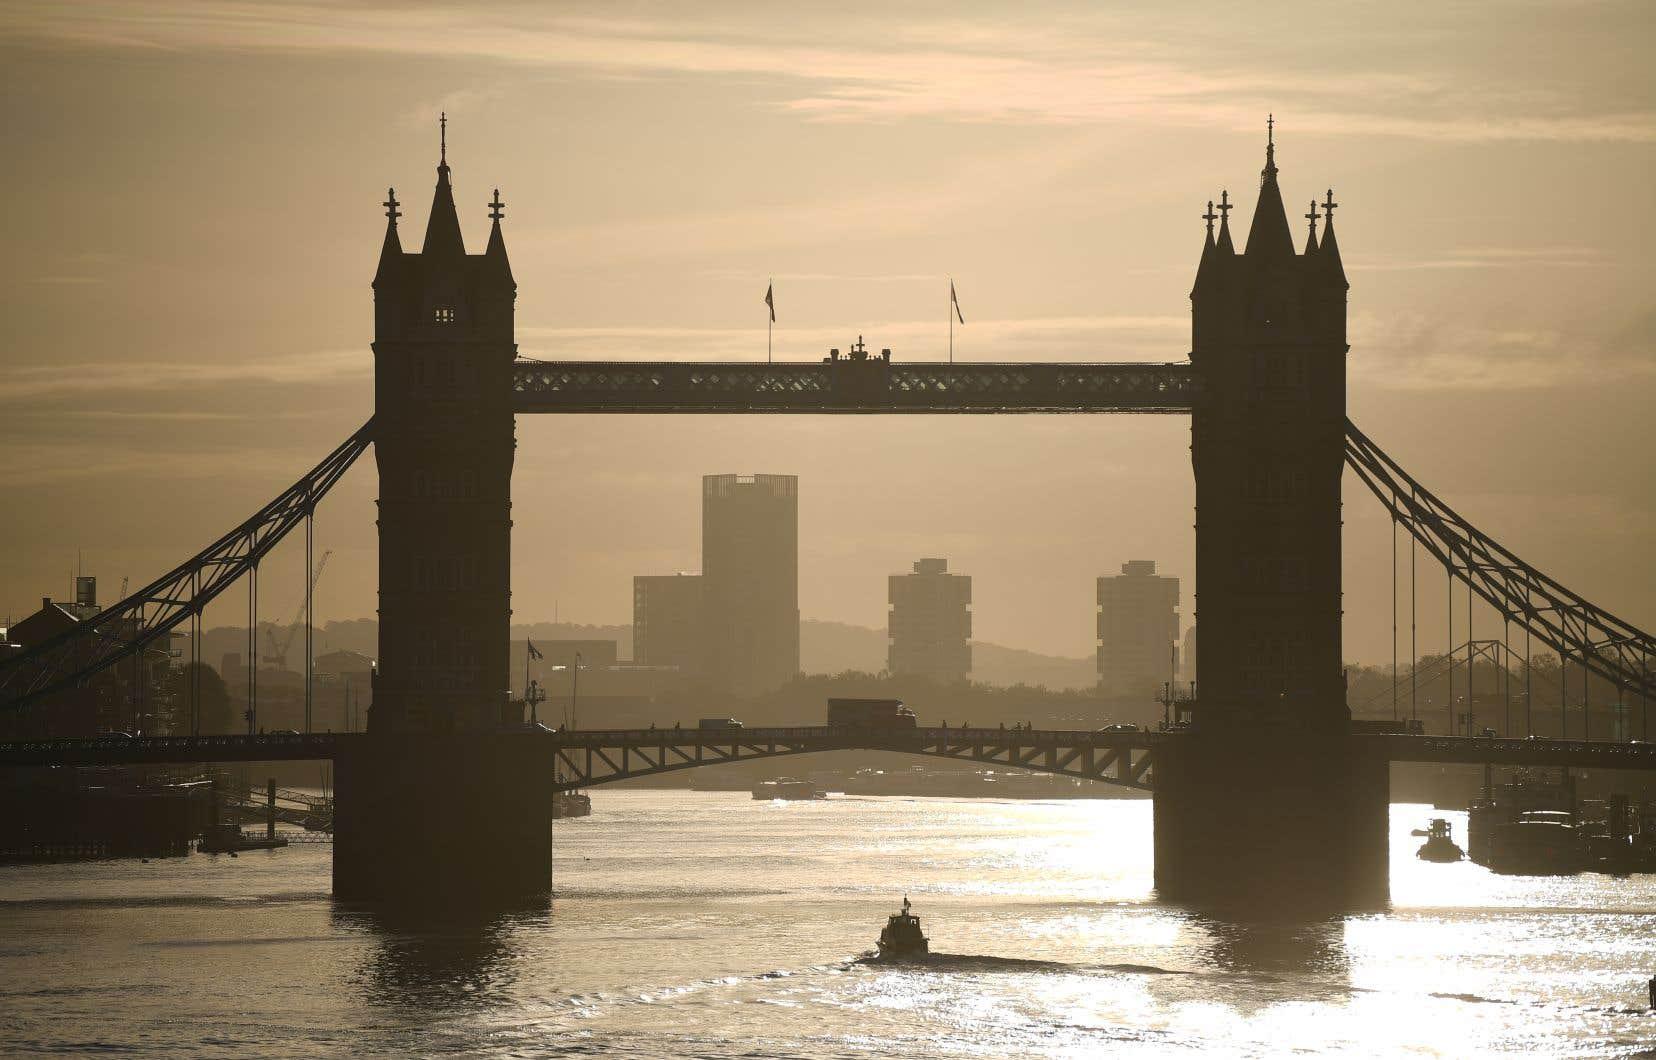 Le gouvernement britannique a relevé le niveau d'alerte pour Londres et sept autres zones en Angleterre, interdisant à quelque 11 millions d'habitants supplémentaires de rencontrer amis et famille à l'intérieur dès samedi.